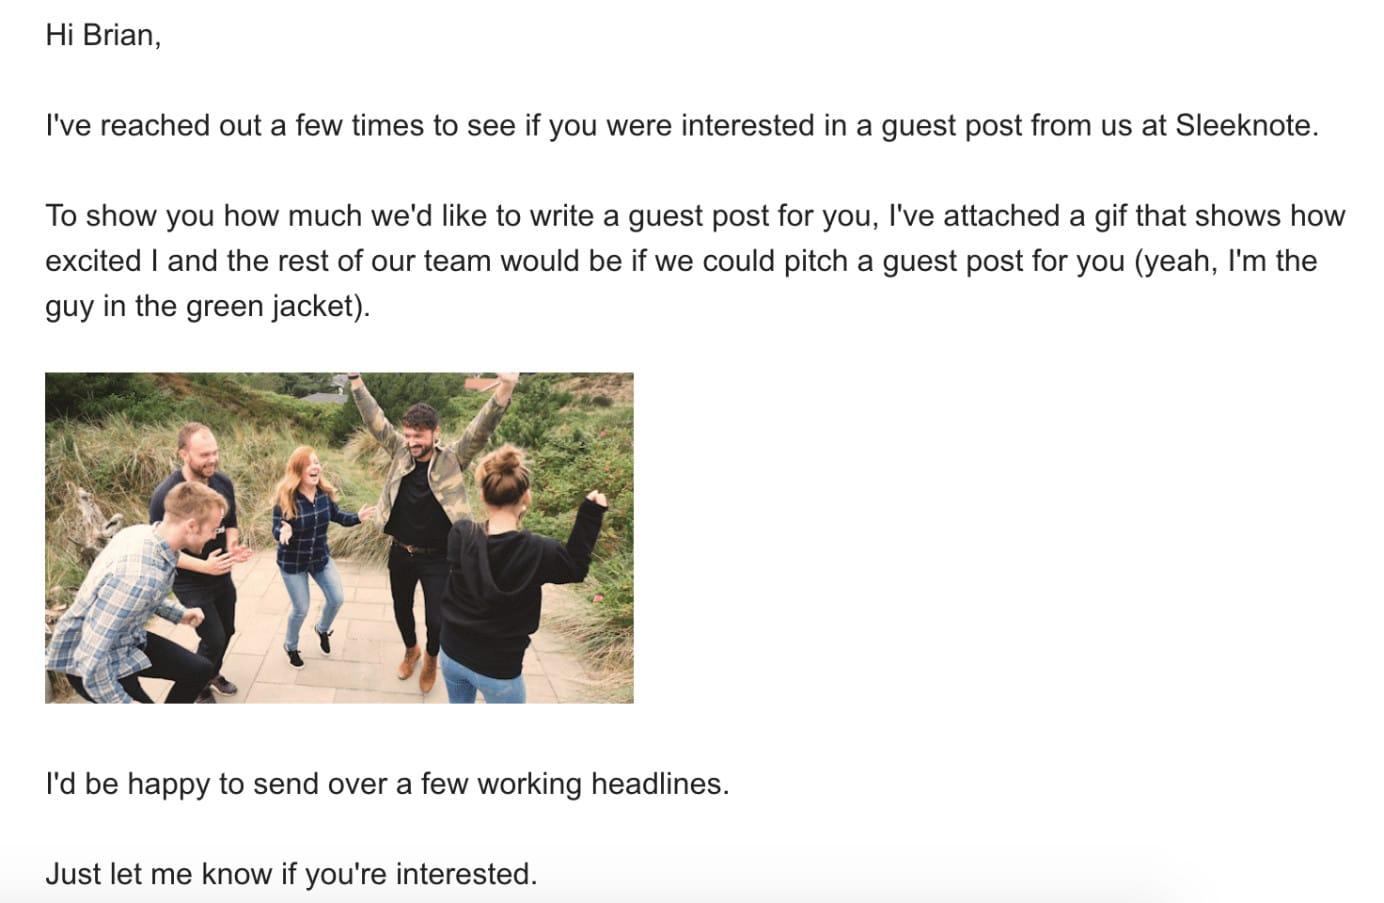 Exemple 2 de demande de blog d'invité